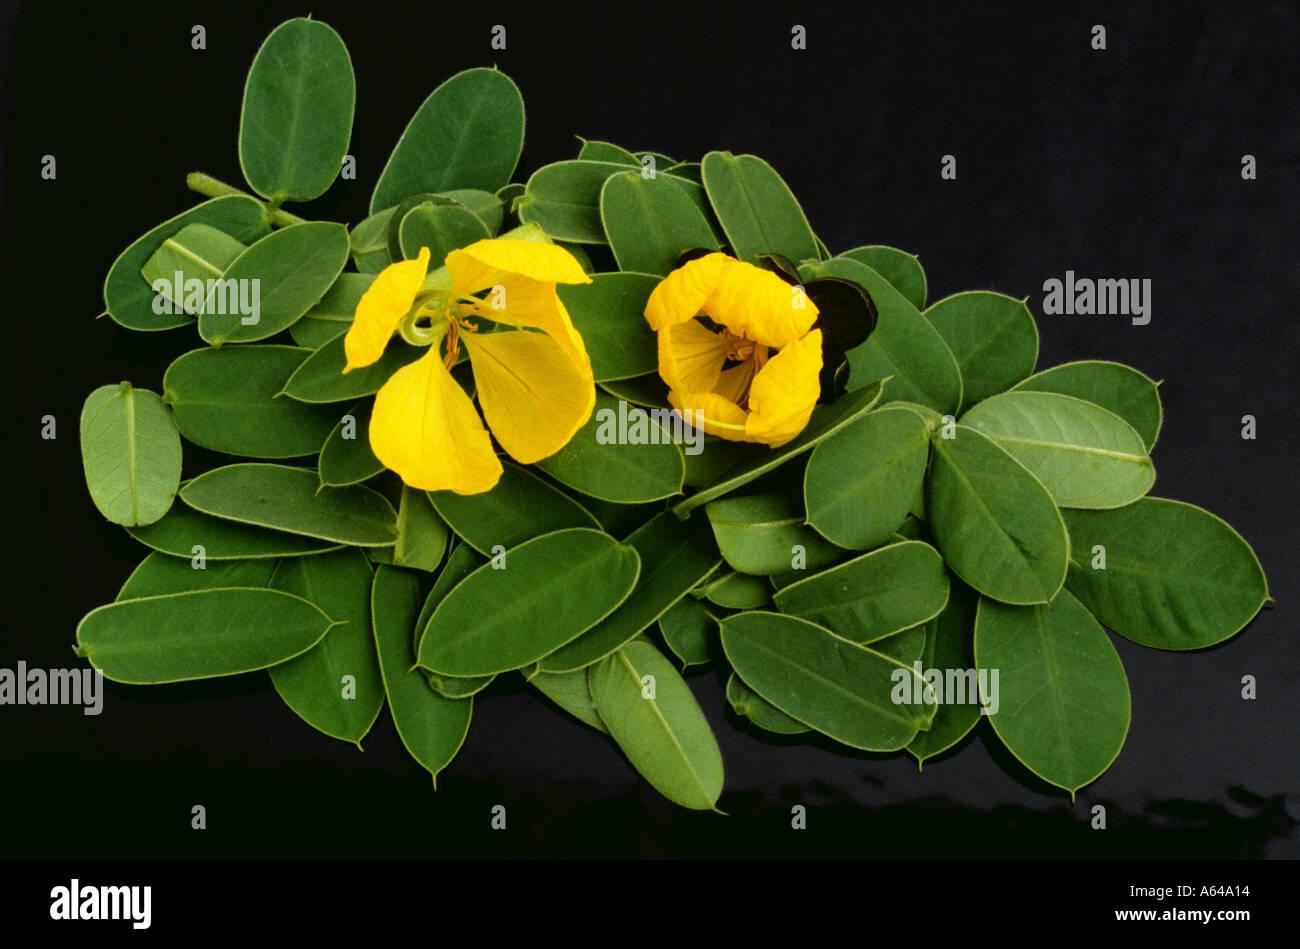 Senna Blüten Blätter Senna marilandica Cassia blossoms and leaves - Stock Image